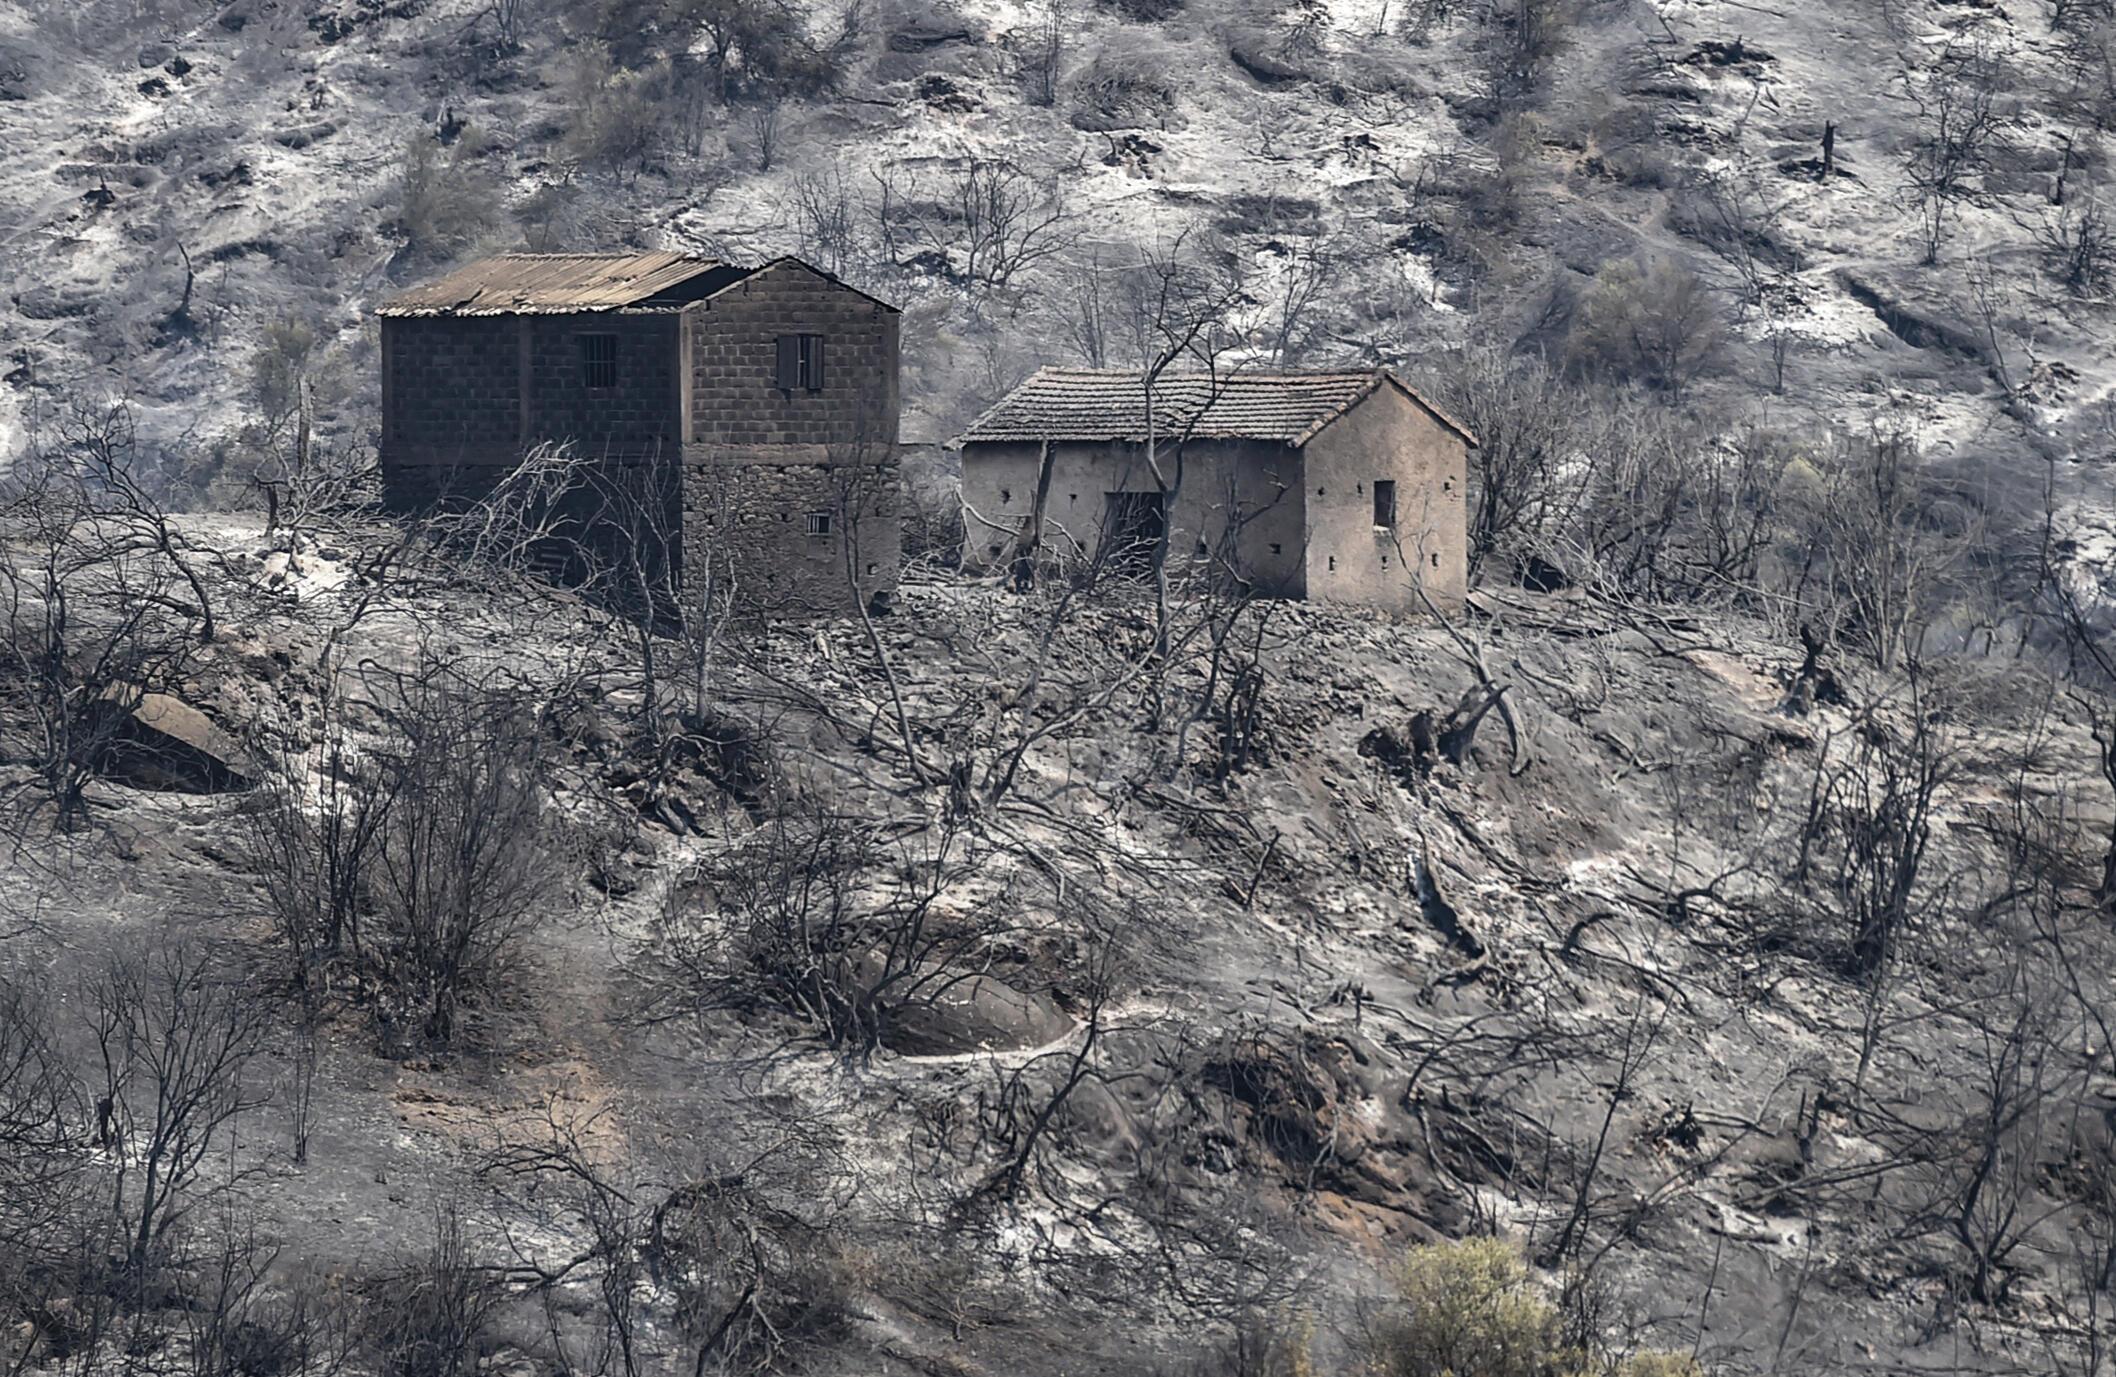 Des maisons incendiées par des feux de forêt dans les jungles de la région de Kabili à l'est de la capitale algérienne se dressent au milieu d'arbres calcinés.